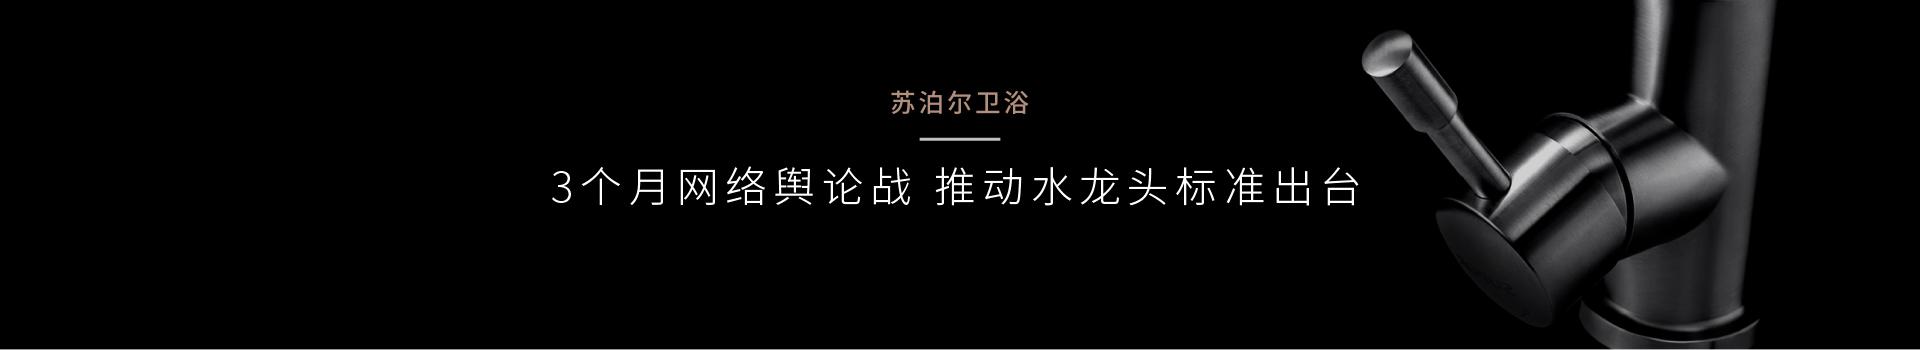 苏泊尔卫浴上海营销策划公司突破行业危机借势传播案例